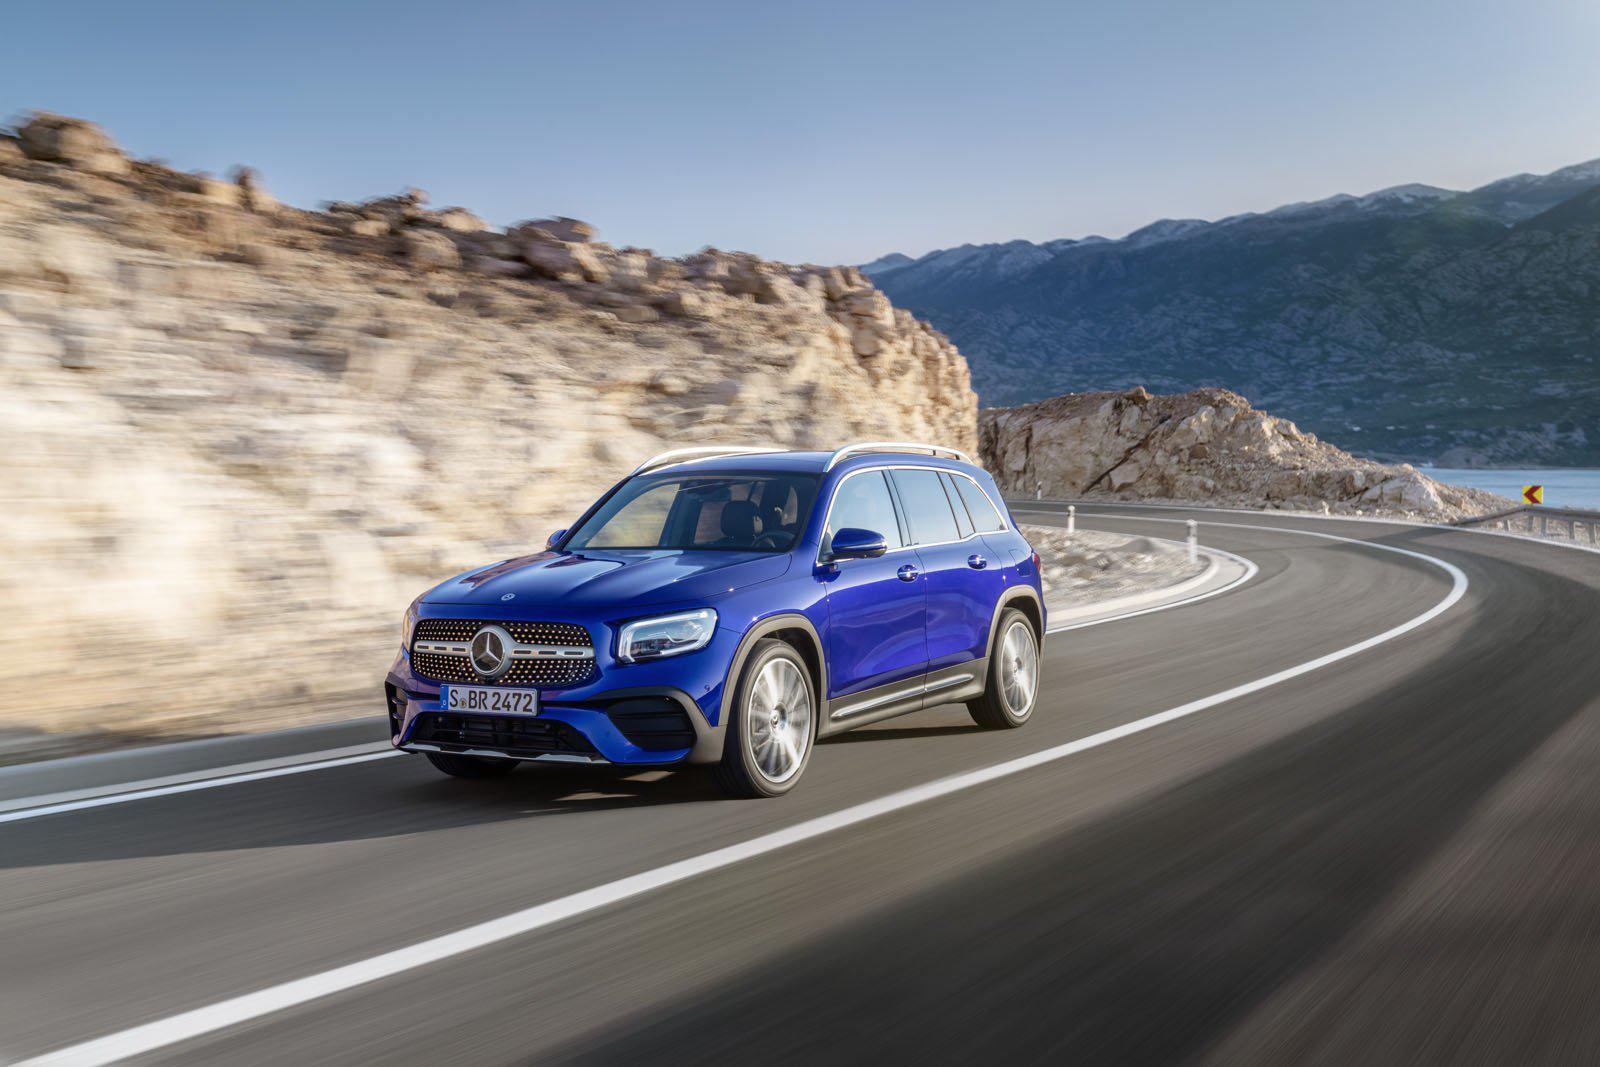 Ngắm trước Mercedes GLB sắp ra mắt với lựa chọn 7 chỗ Ảnh 1